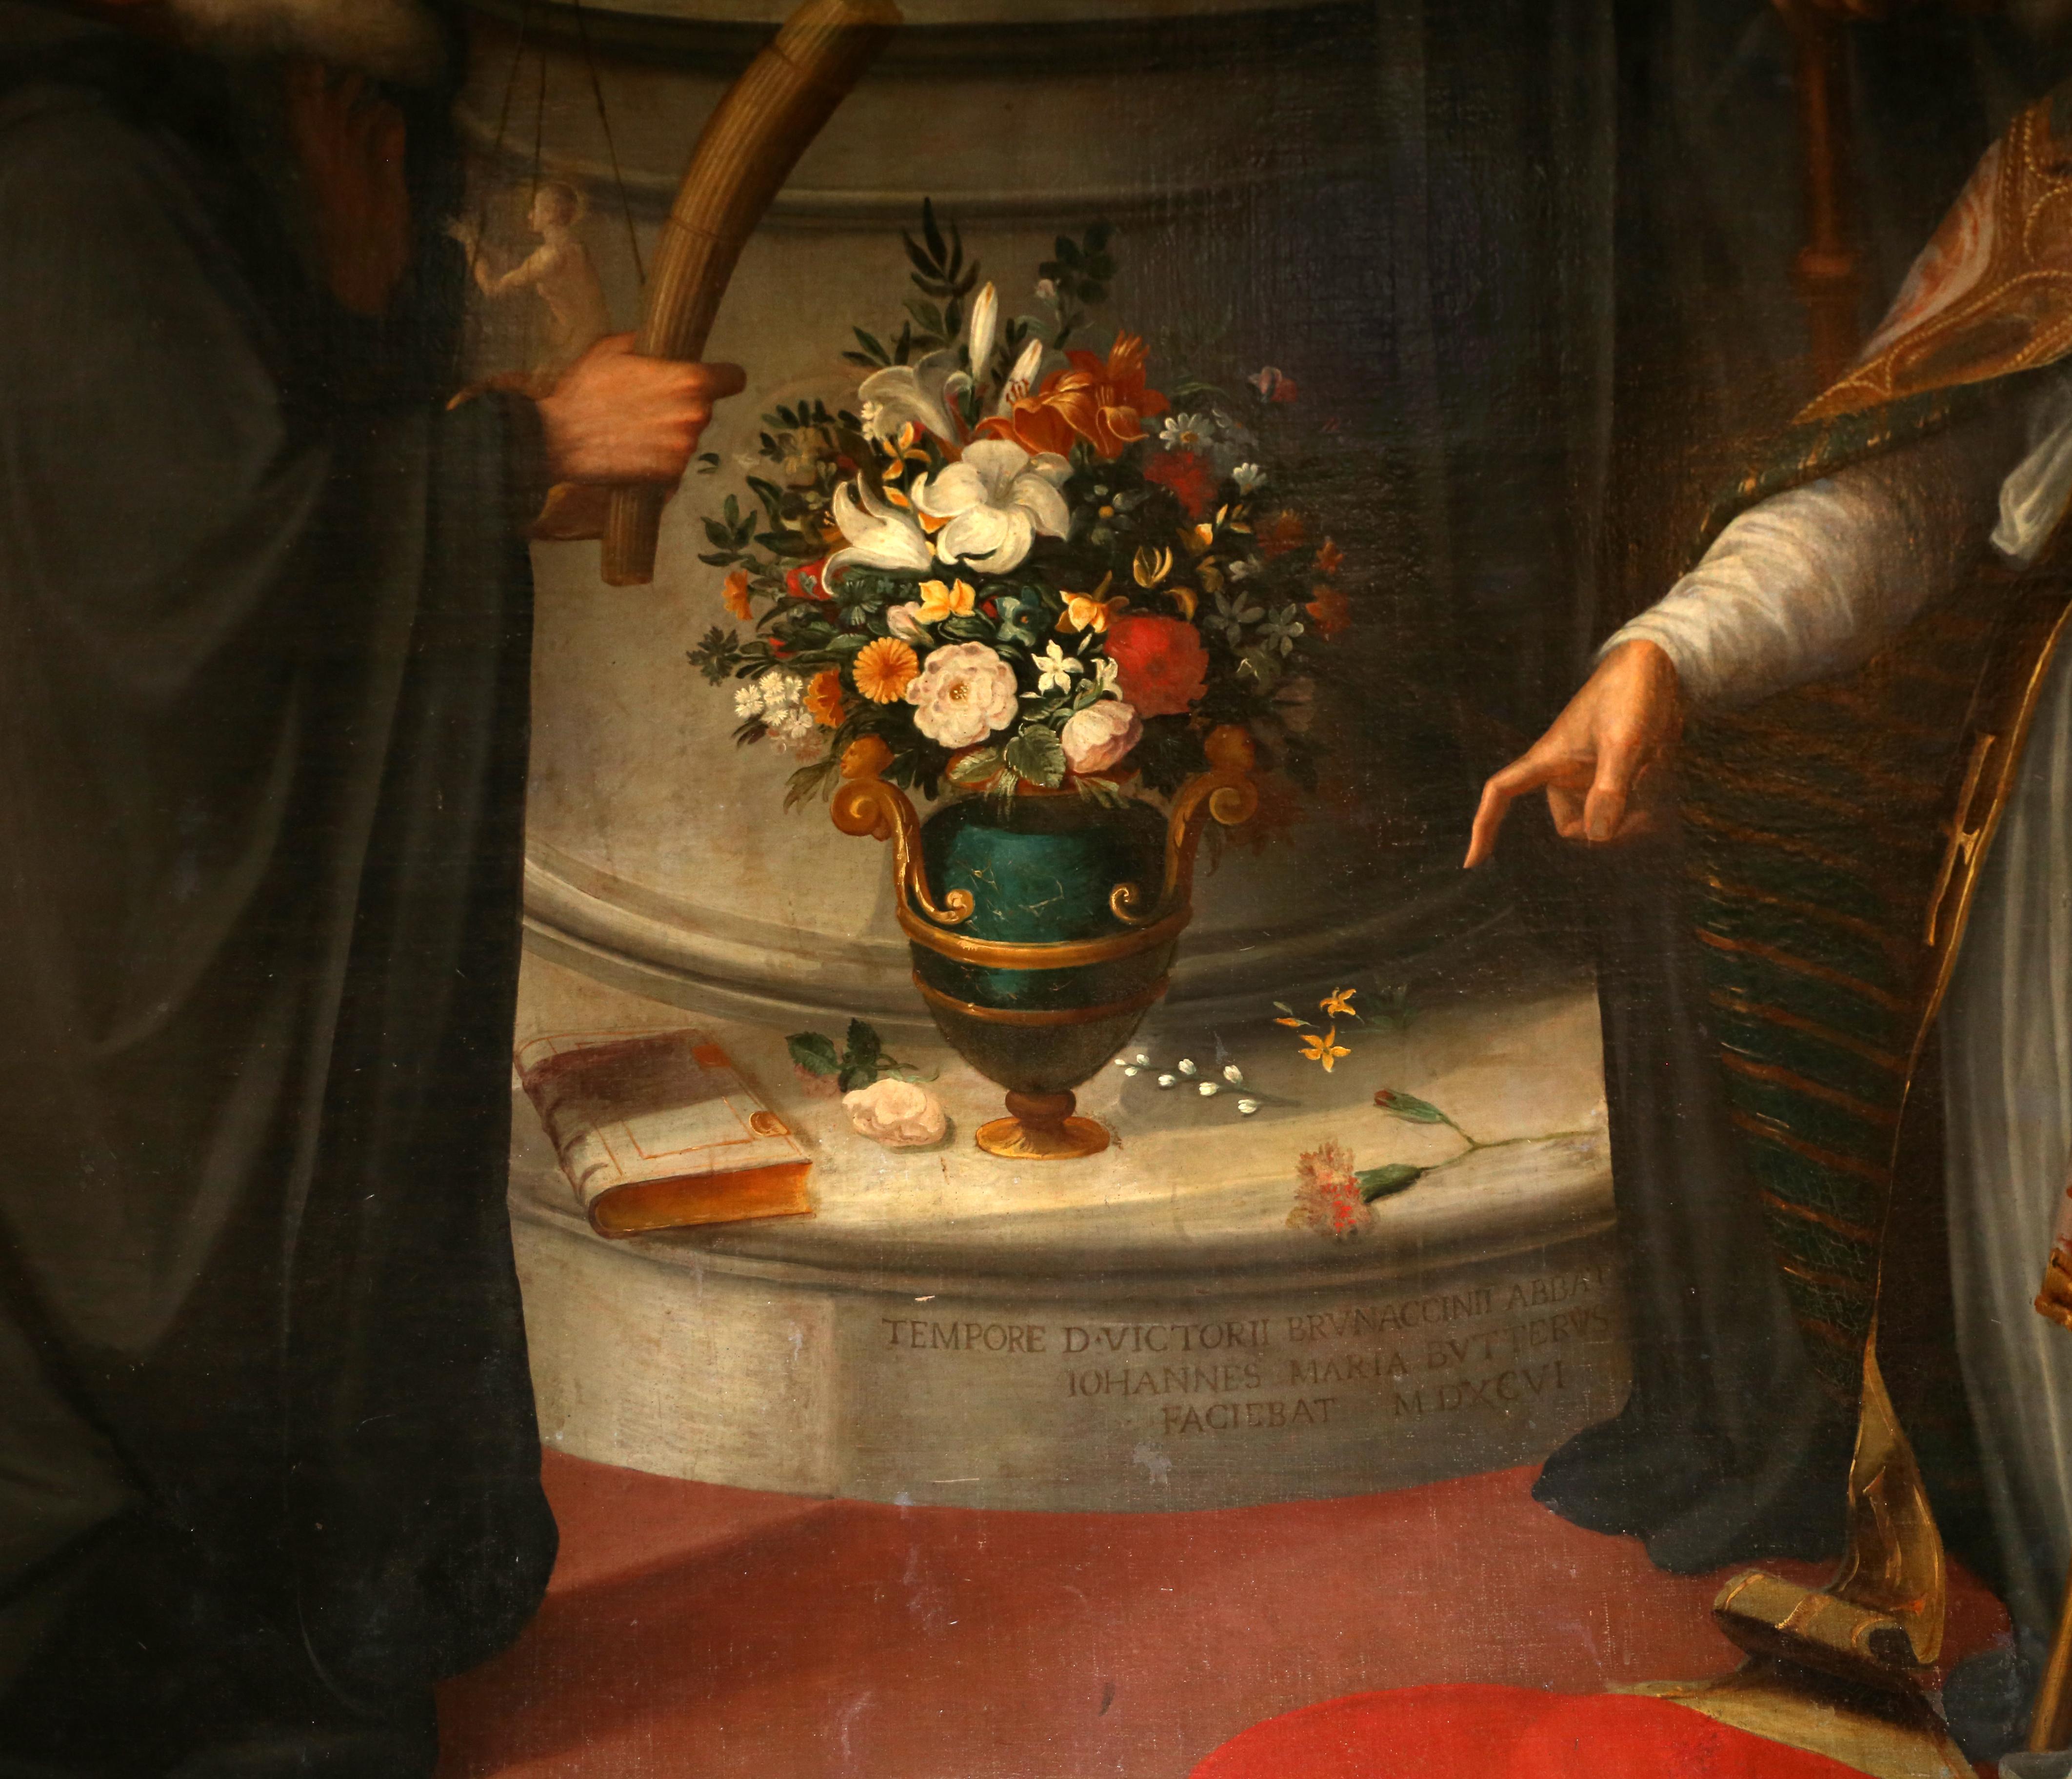 File:Giovanni maria butteri, sacra conversazione, 1597, 07